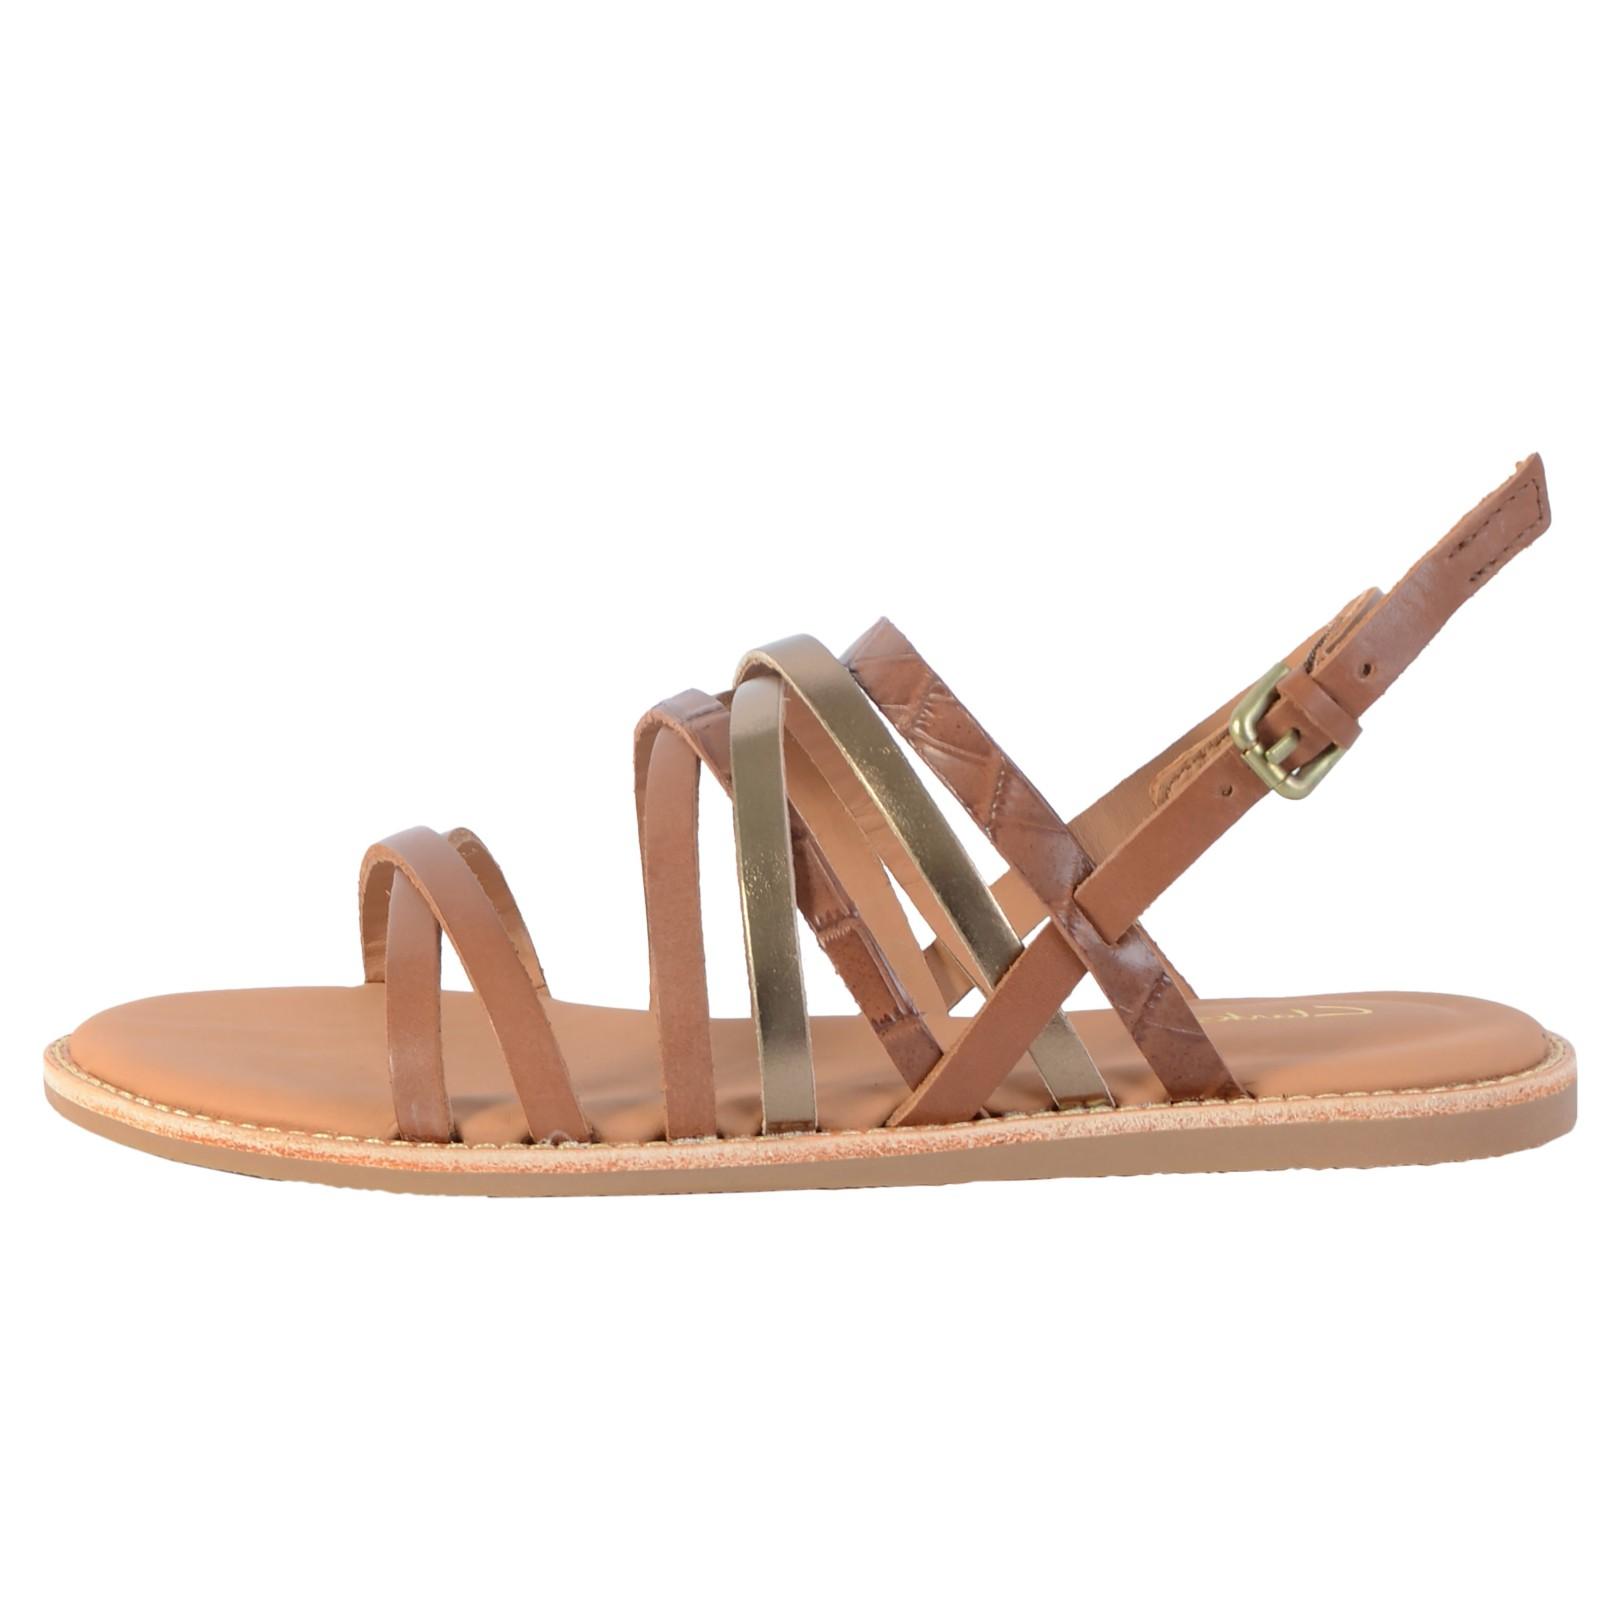 Sandales Cuir Clarks Karsea Ankle